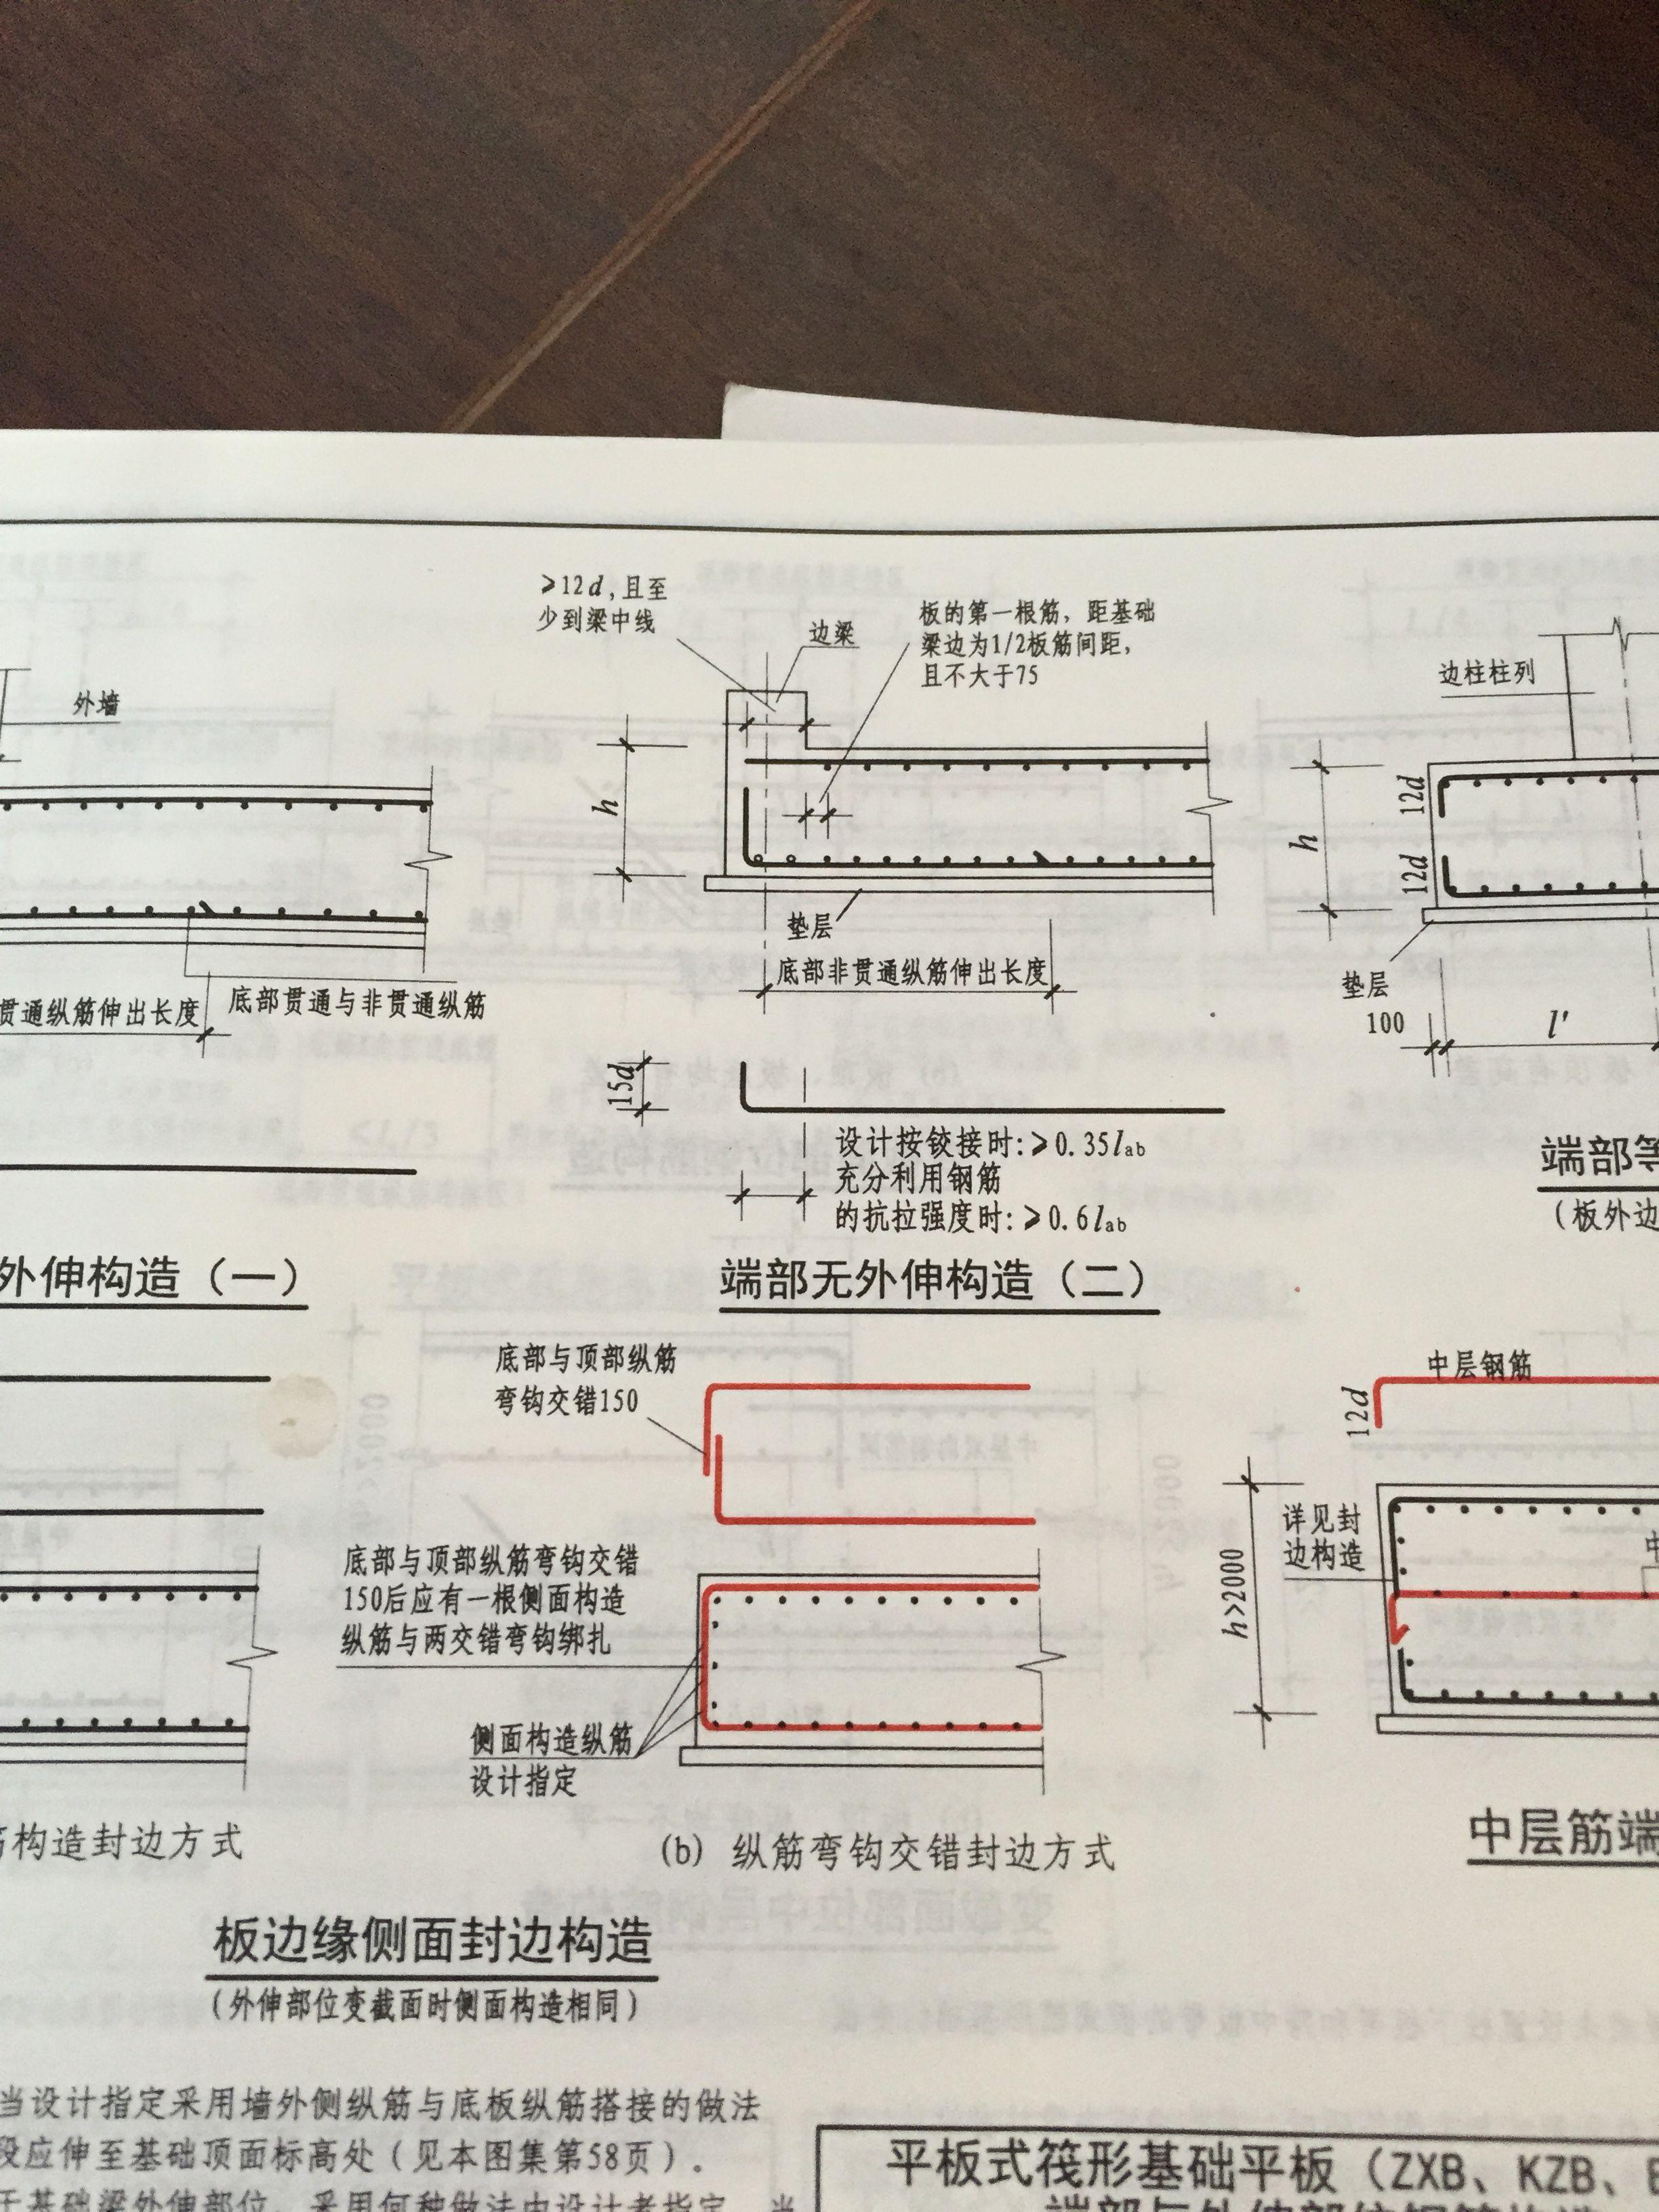 关于平板式筏板基础端部构造问题图片